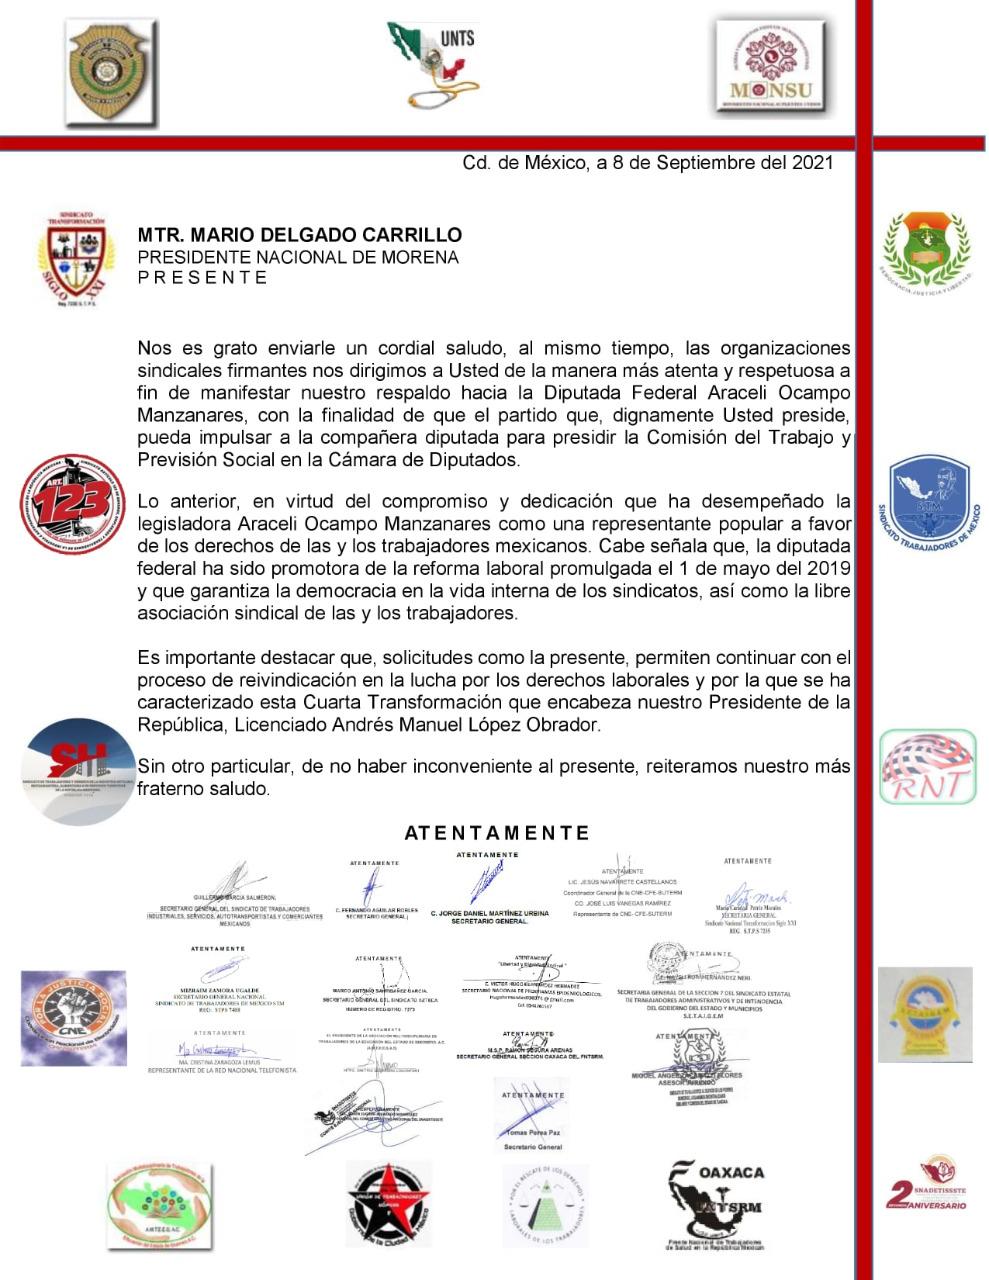 Sindicatos respaldan a la diputada Araceli Ocampo para presidir Comisión del Trabajo 2